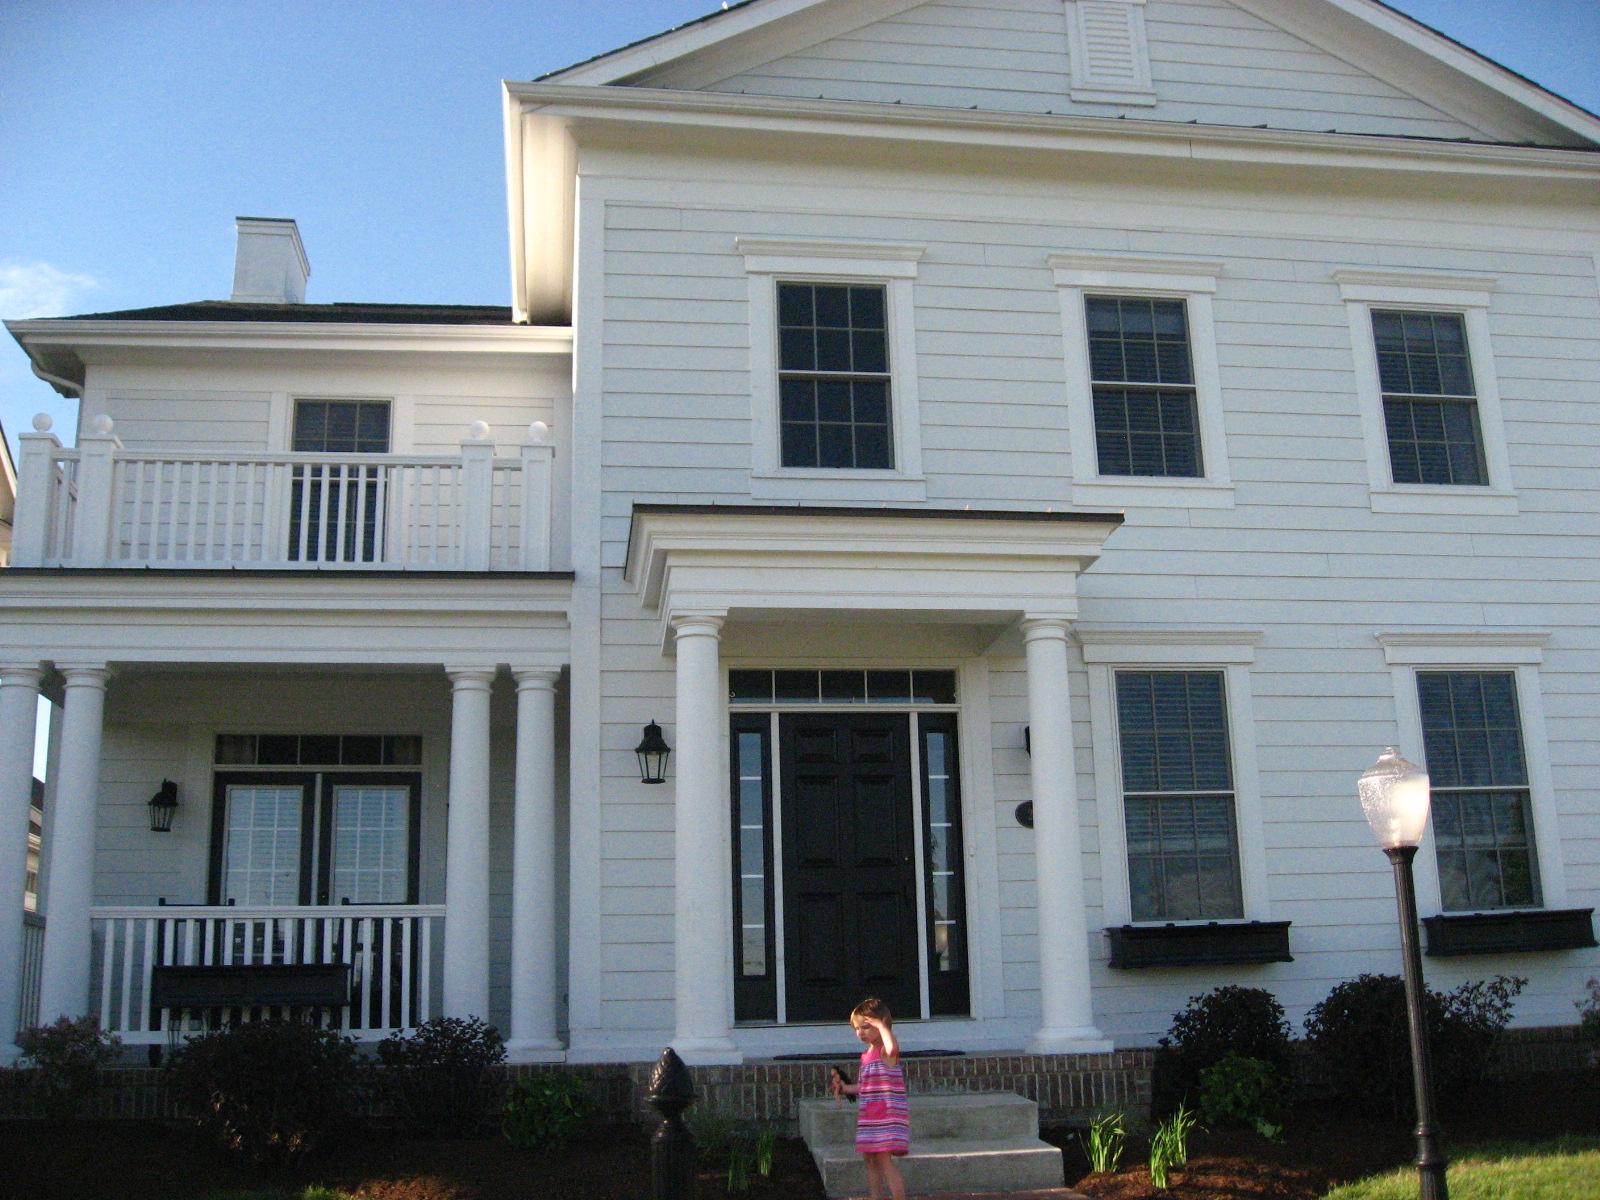 House envy white on white on white - Houses with white trim ...